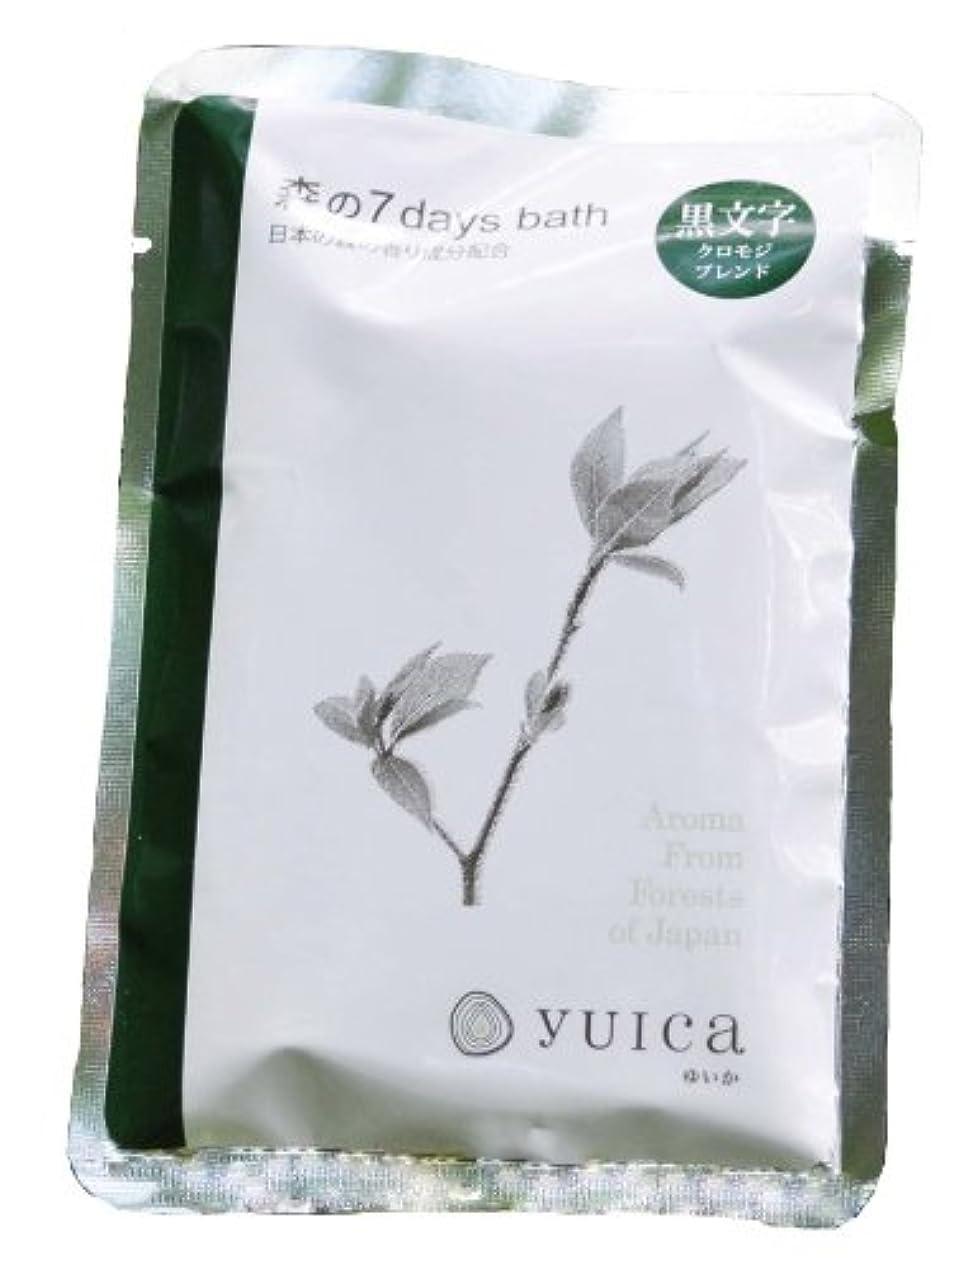 自分を引き上げるあさり無線yuica 森の7 days bath(入浴パウダー)やすらぎの香り(クロモジブレンド) 60g